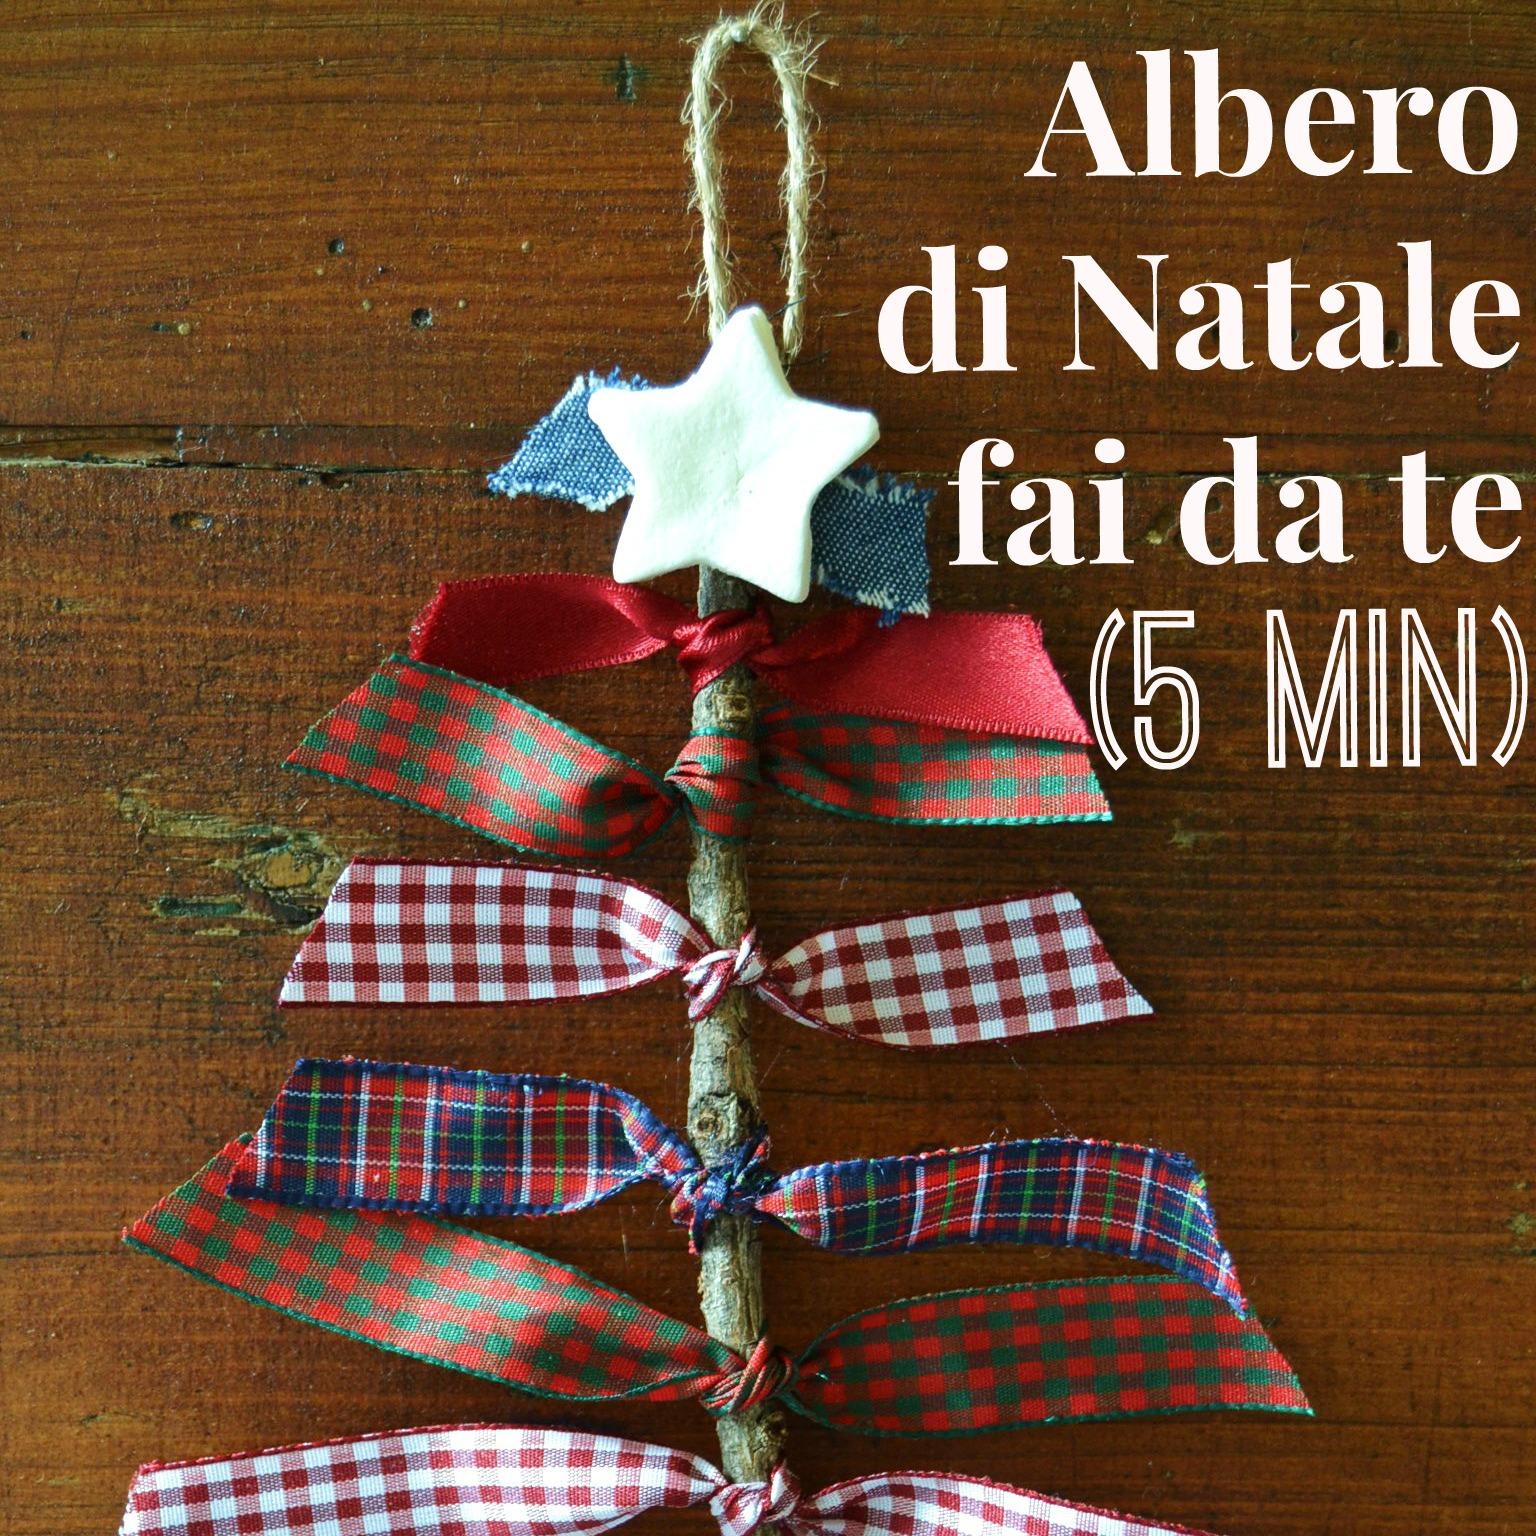 Albero di natale fai da te in 5 minuti babygreen - Decorazioni natalizie in legno fai da te ...